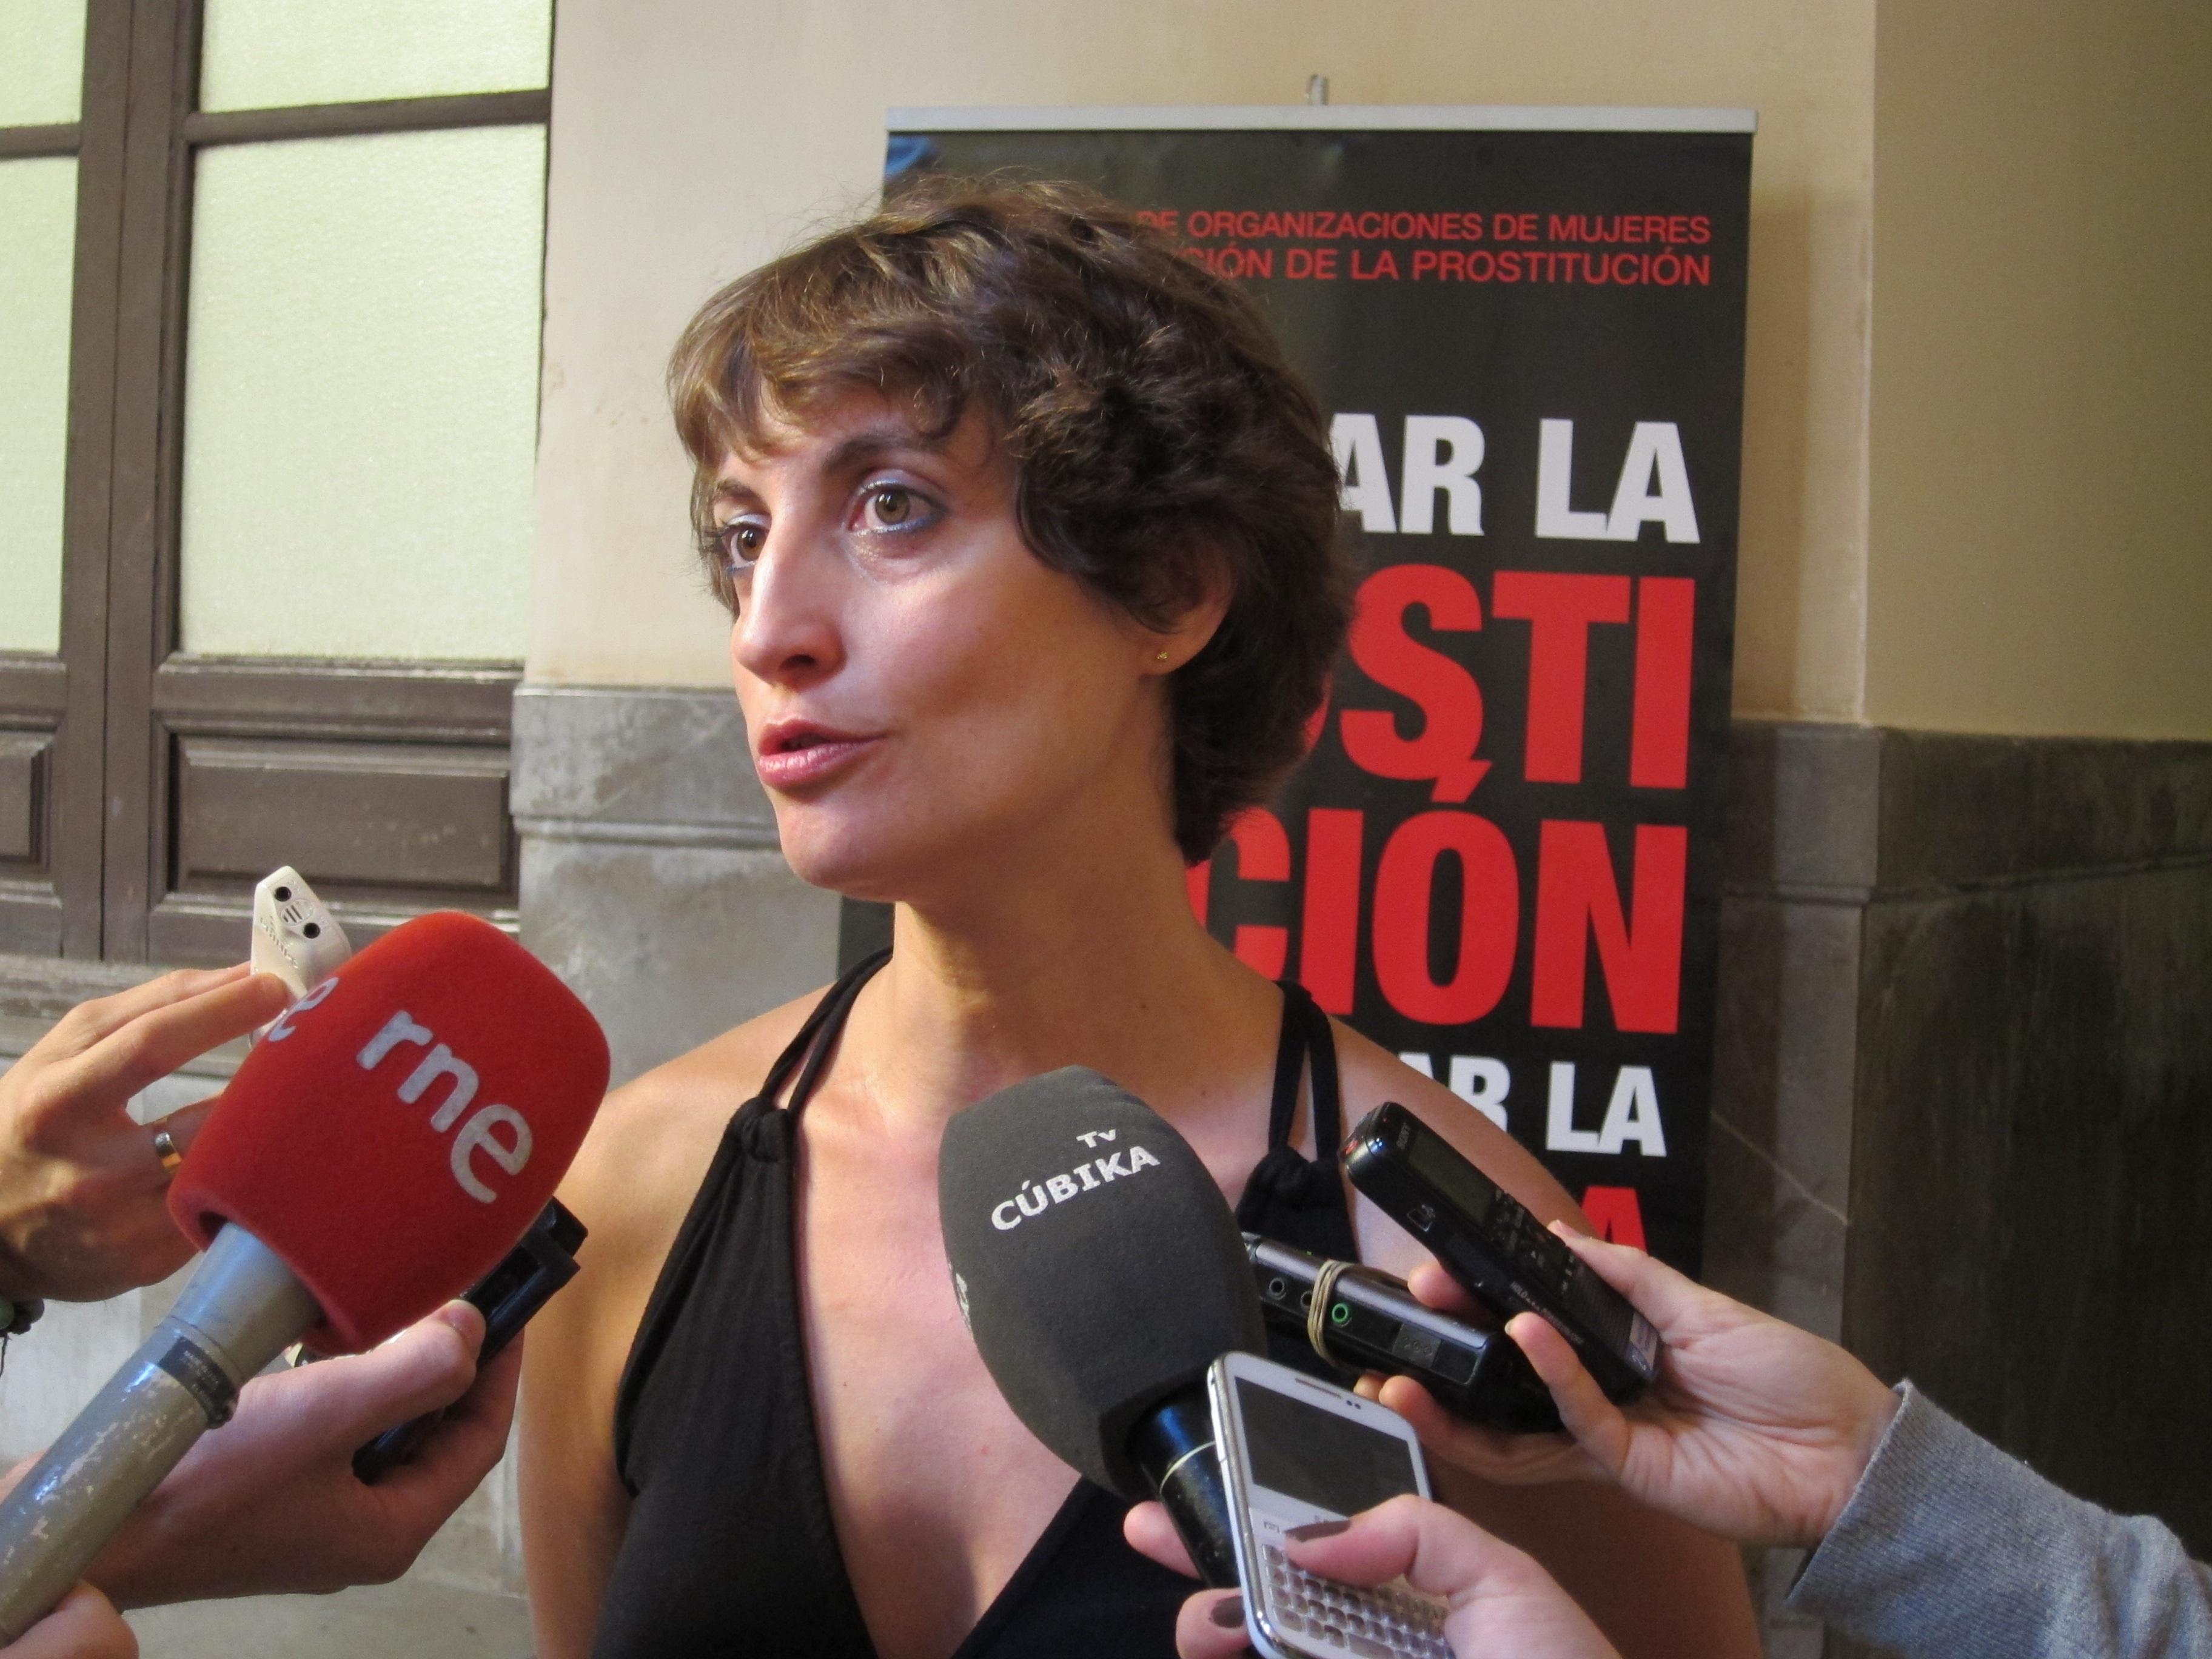 Expertos piden sancionar a los demandantes de servicios de prostitución para reducir la explotación sexual a mujeres